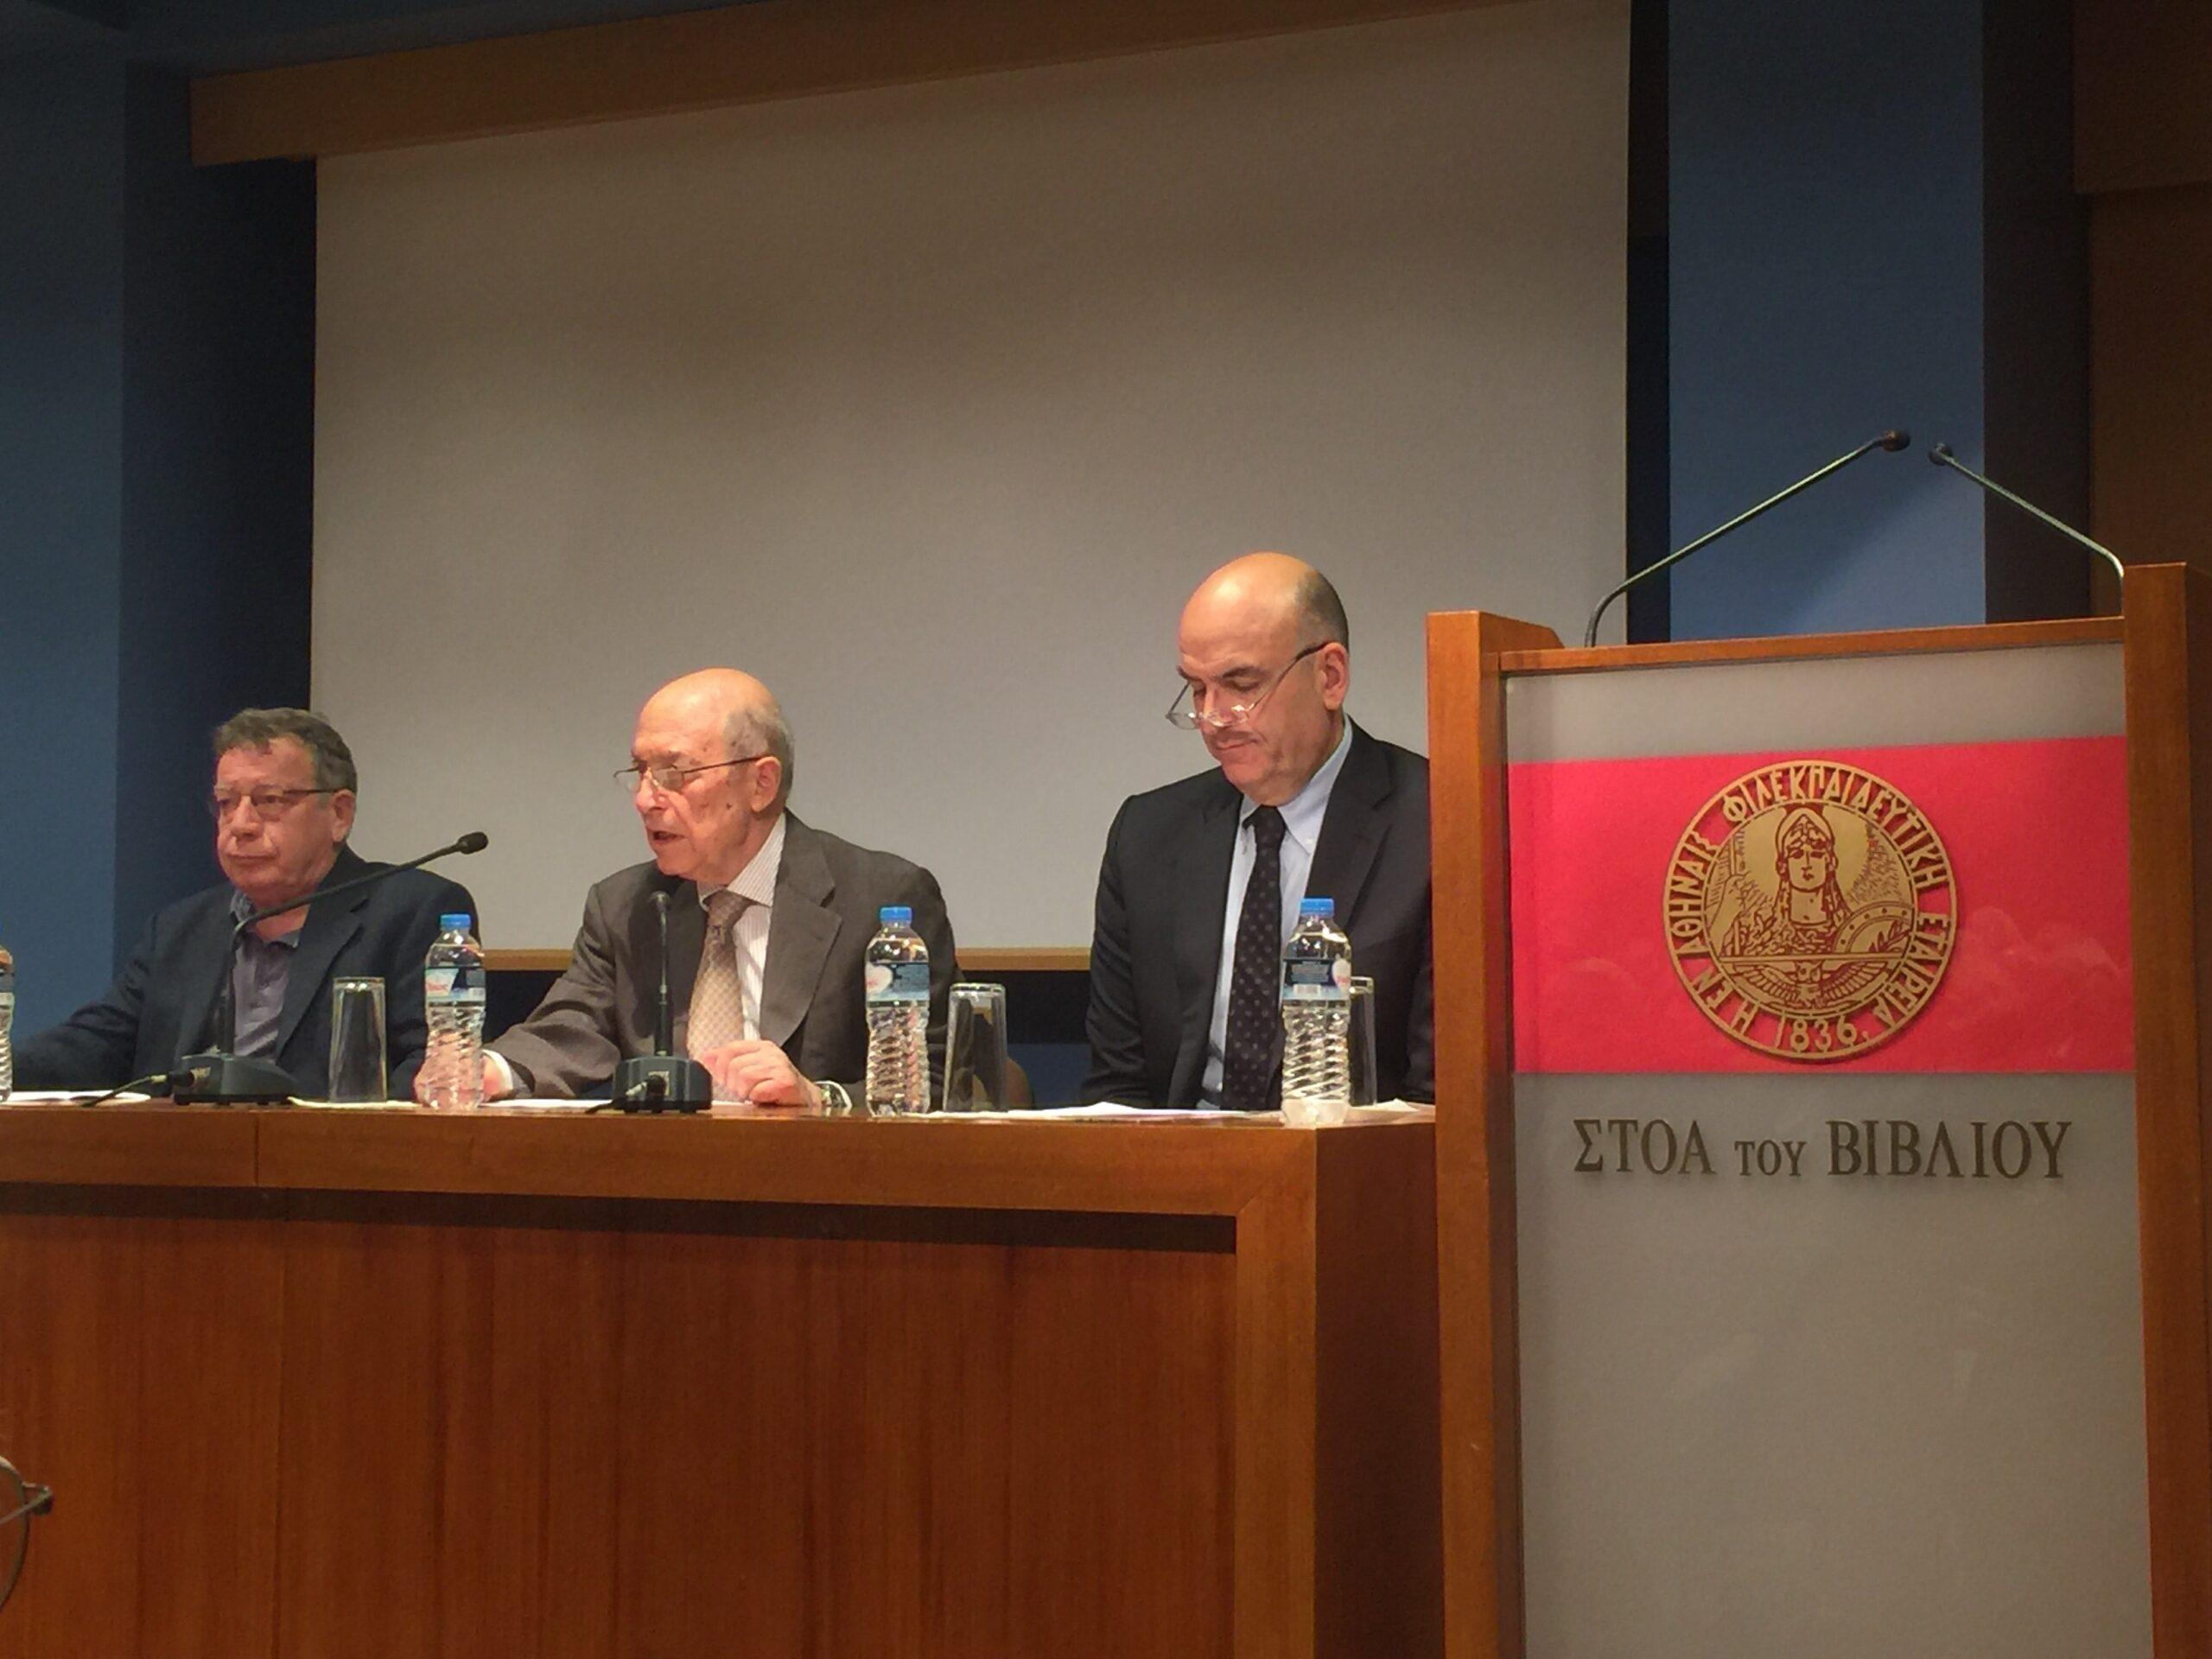 Εκδήλωση του Ιδρύματος Κωνσταντίνου Σημίτη, των Αρχείων Σύγχρονης Κοινωνικής Ιστορίας και του Μουσείου Μπενάκη